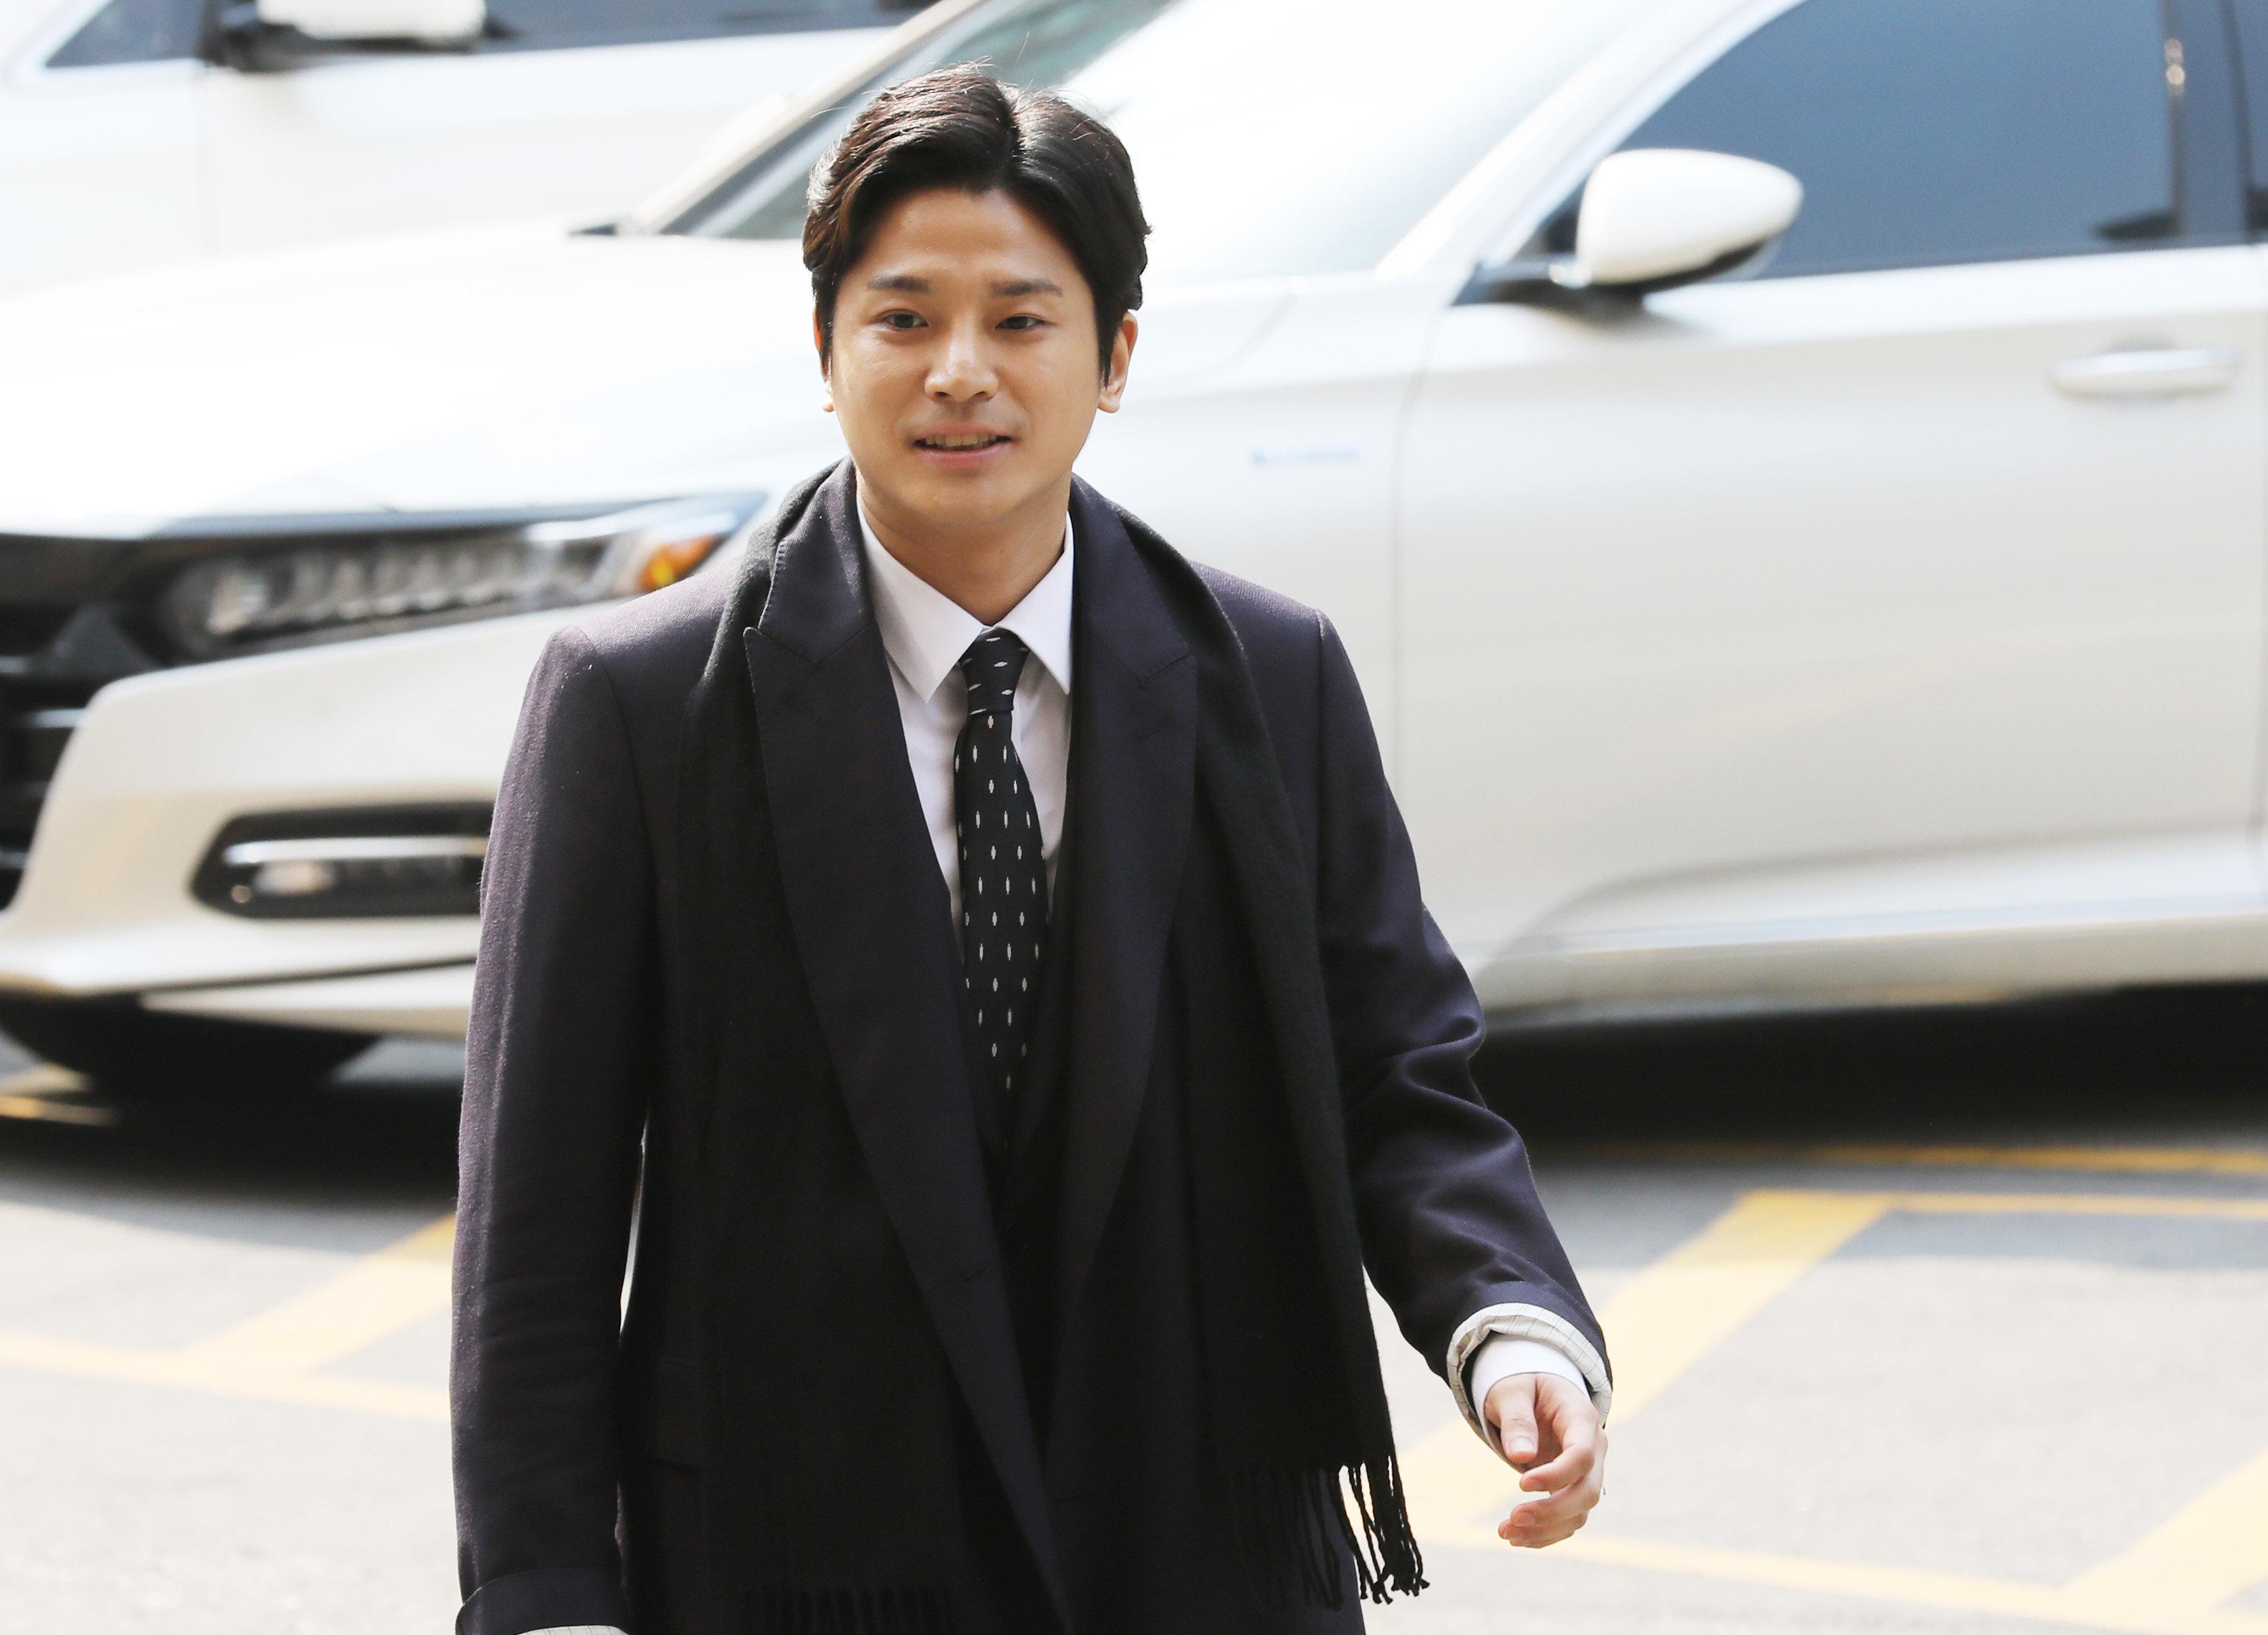 '버닝썬 최초 신고자' 김상교씨가 지난 5개월 동안 접한 제보